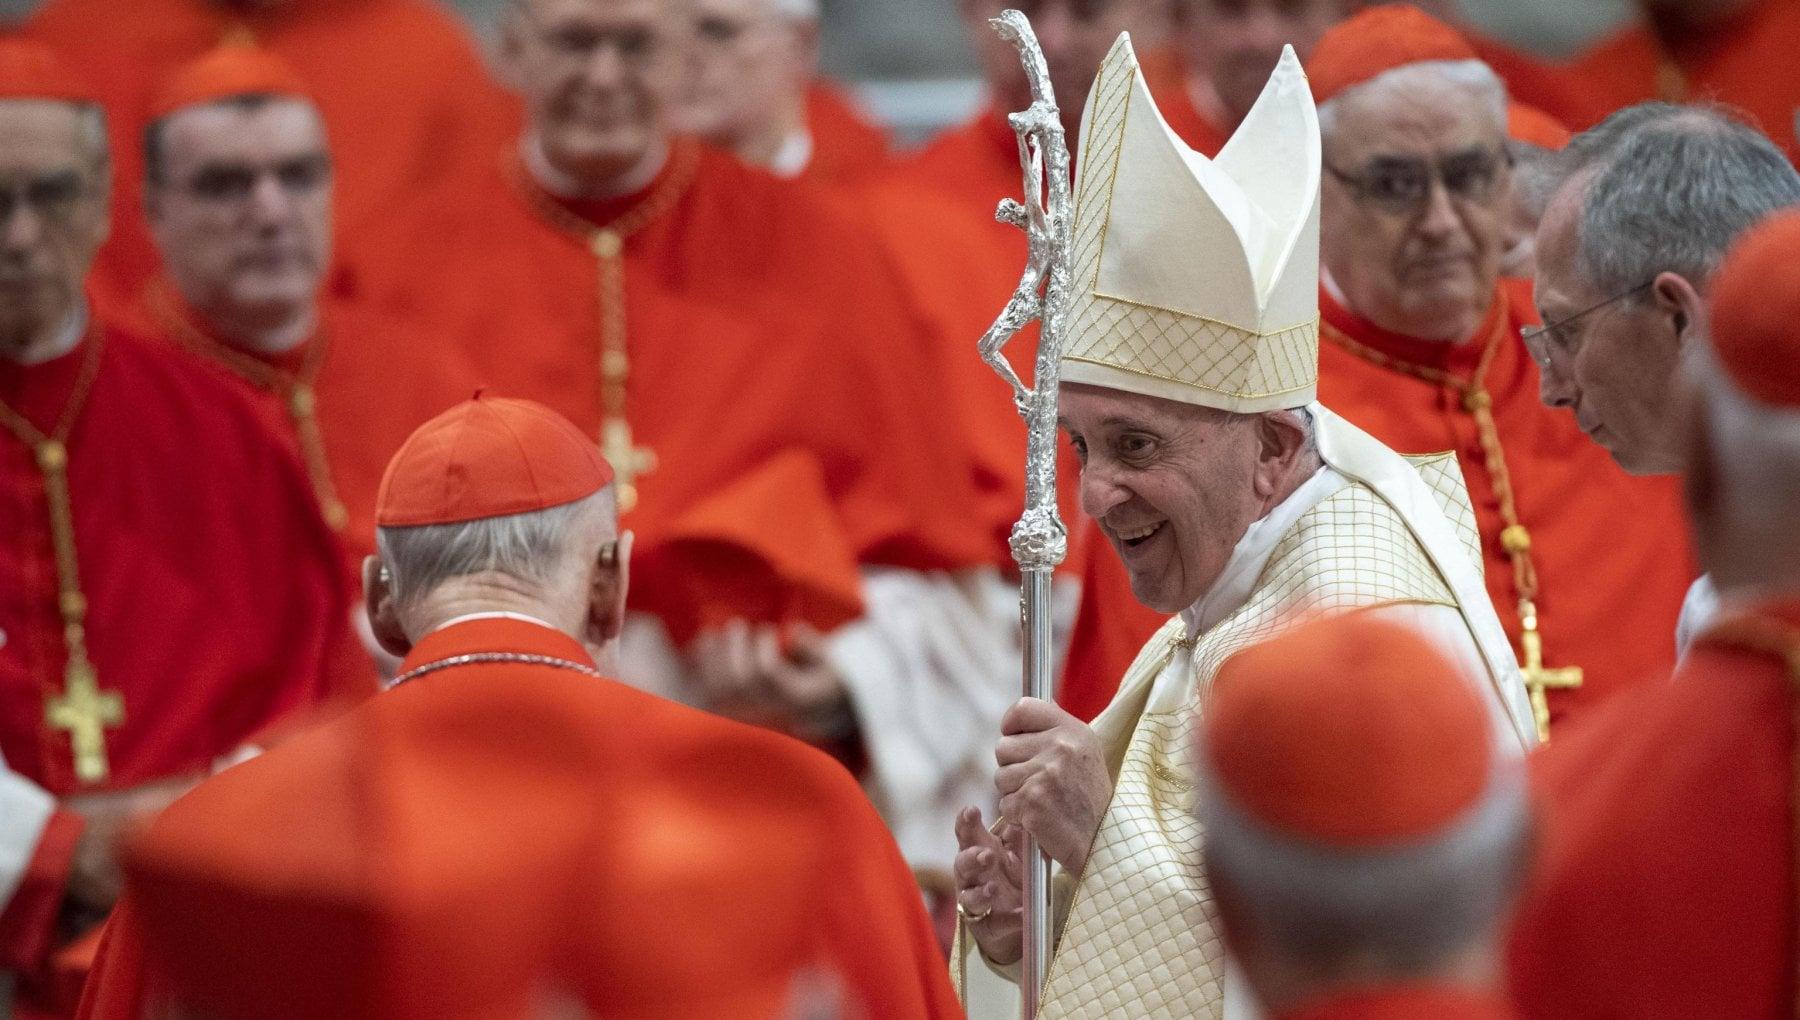 Papa Francesco ai nuovi cardinali Il porpora e il colore del sangue no a corruzione e mondanita